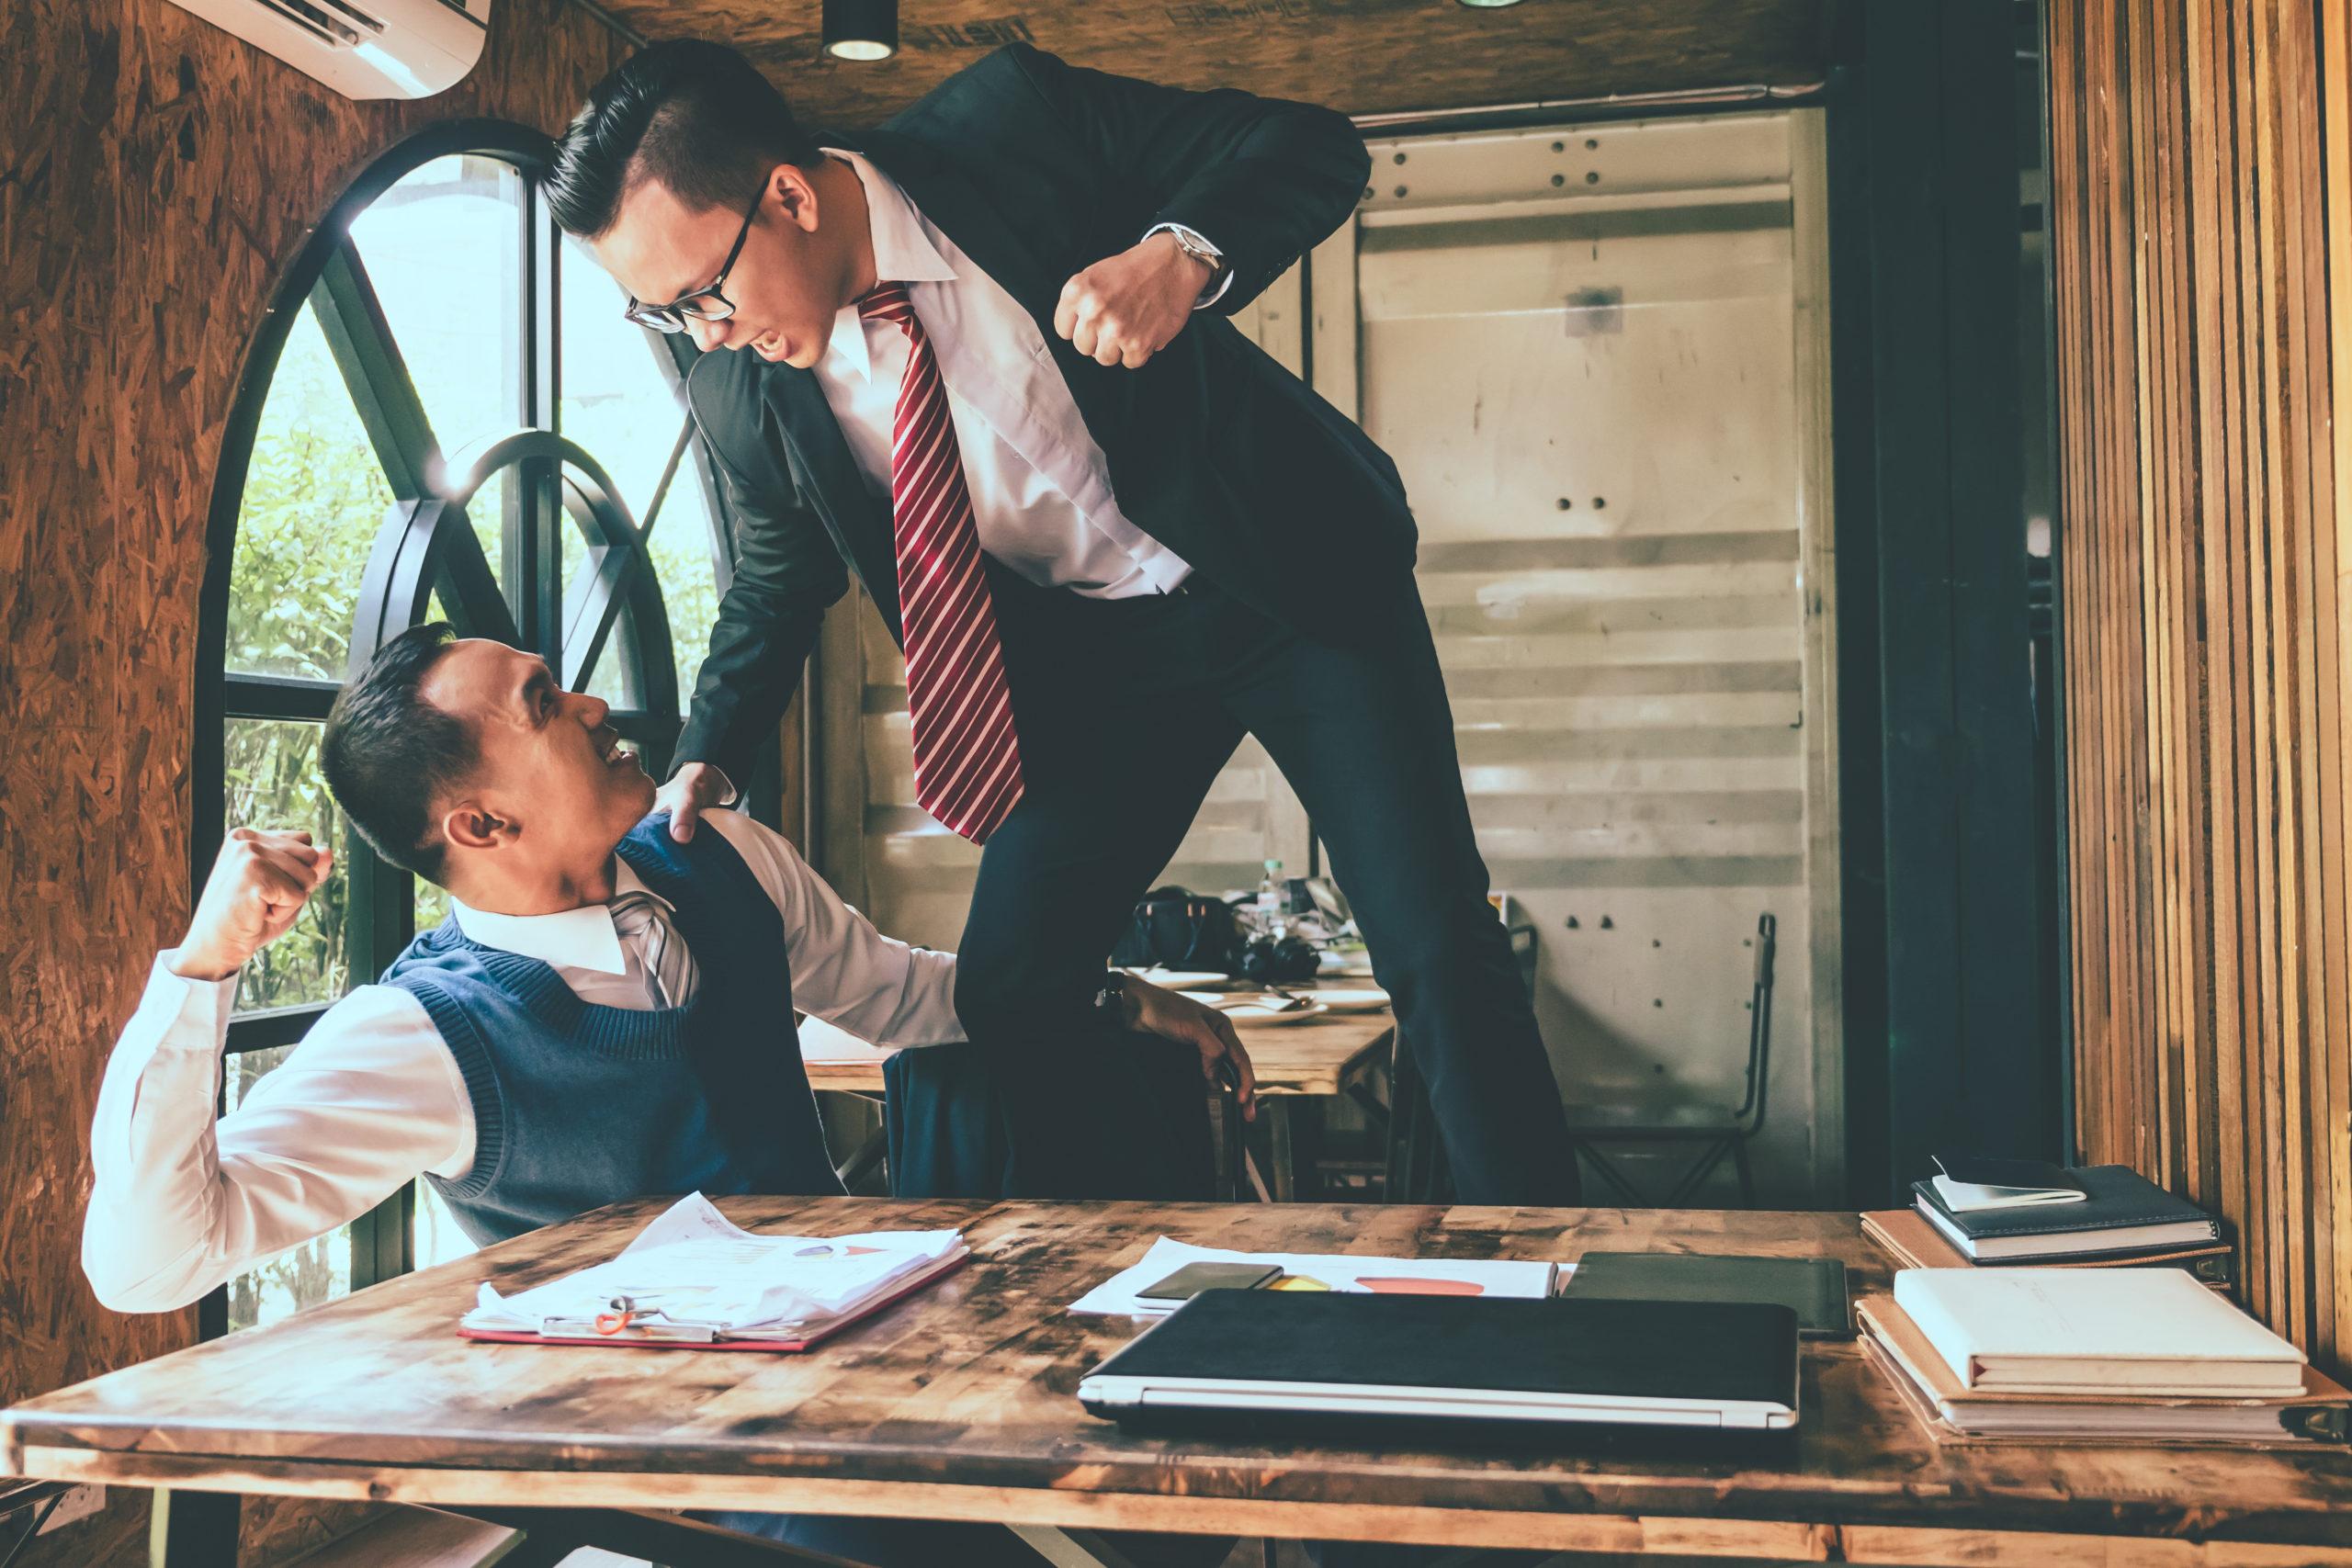 dos ejecutivos peleando